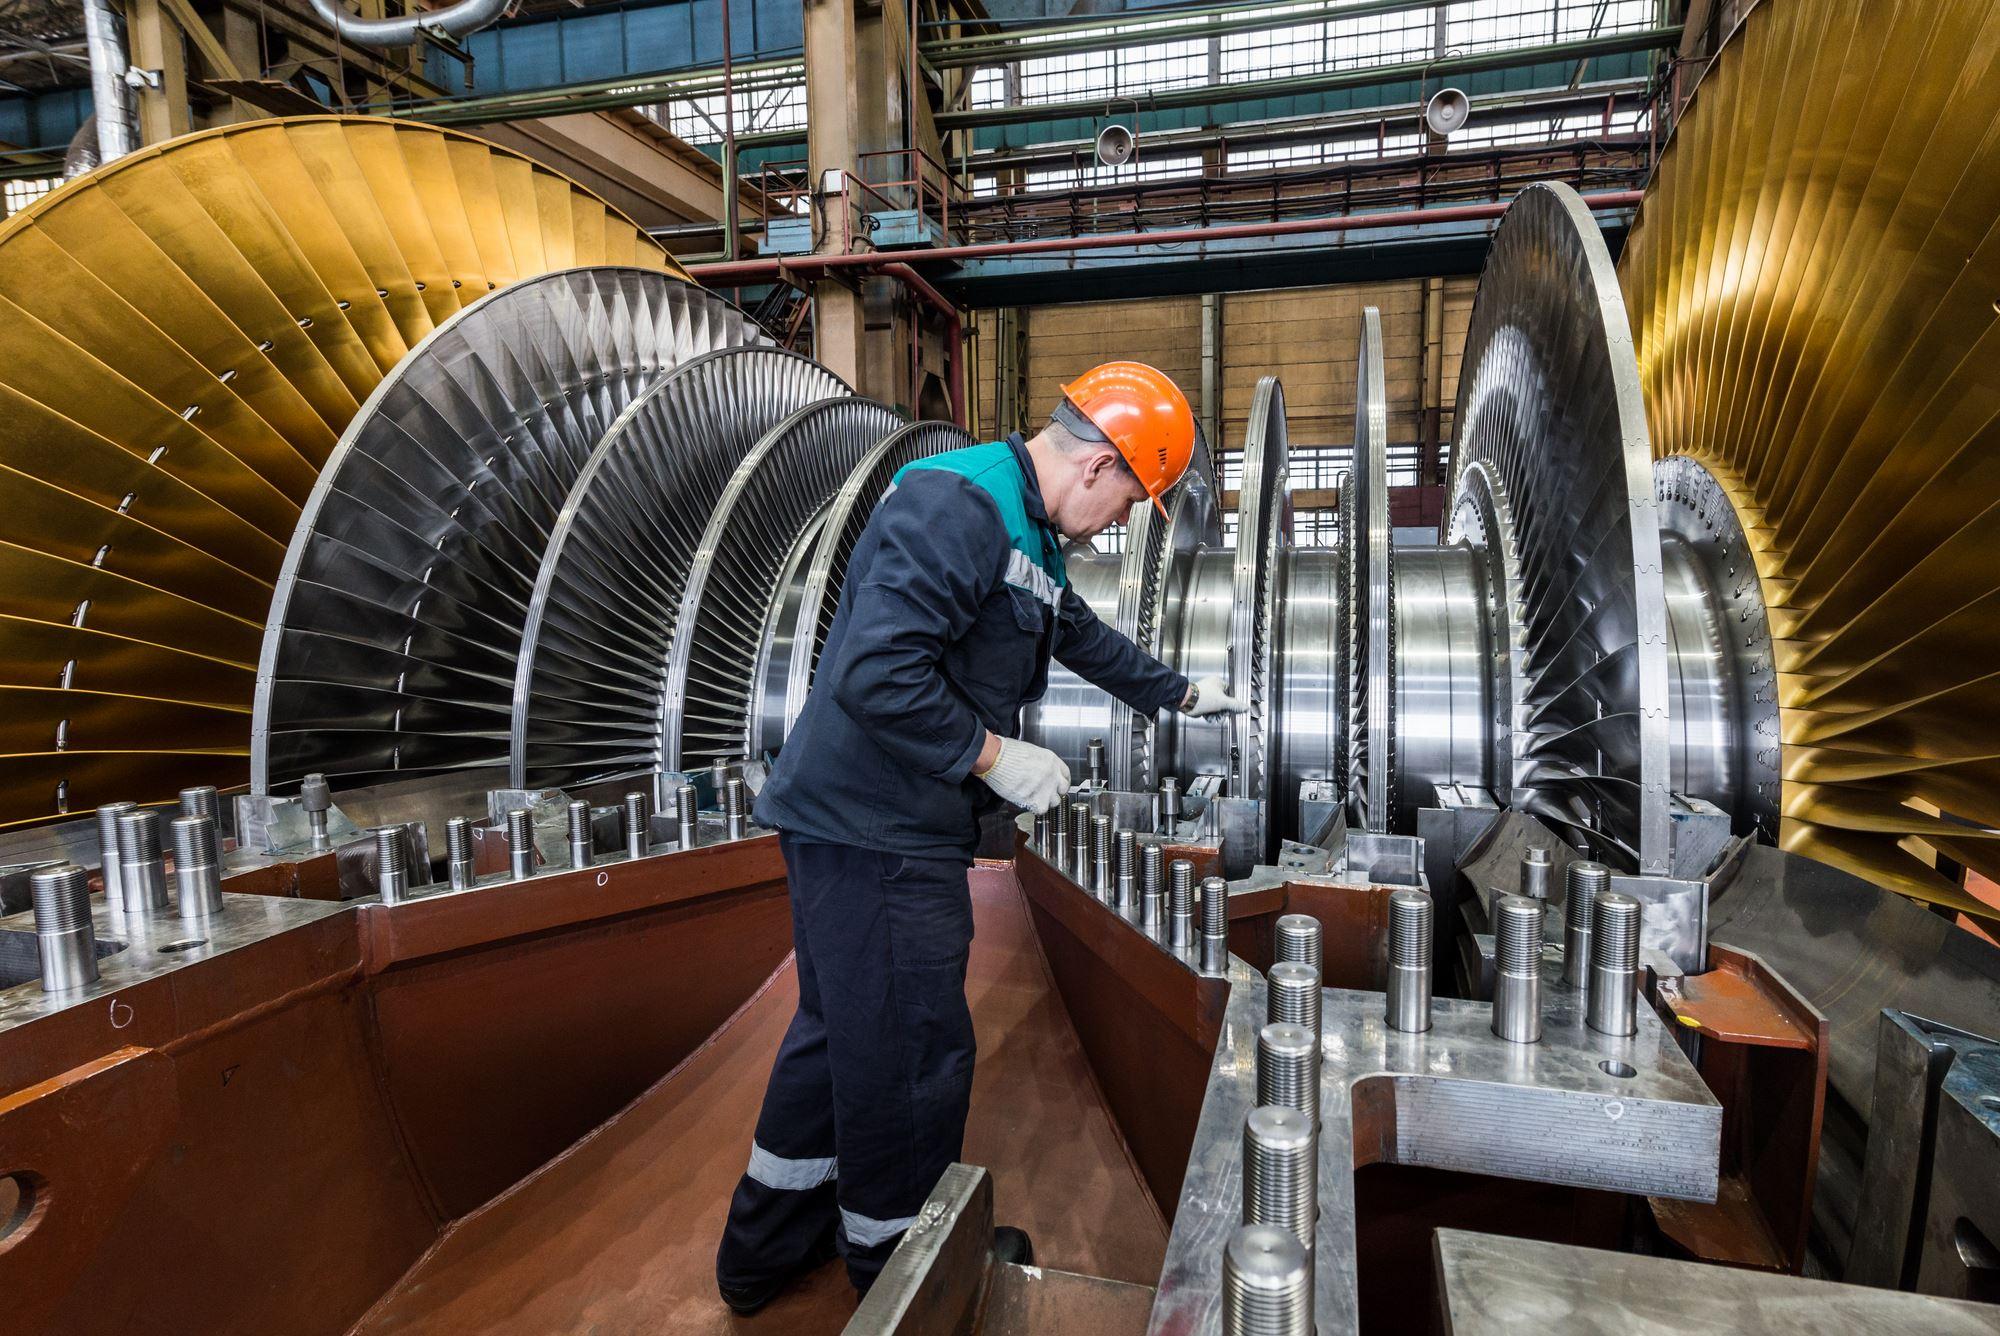 تکمیل مرحله اول آزمایش سامانه جرقهزن توربین گاز پرقدرت روسیه